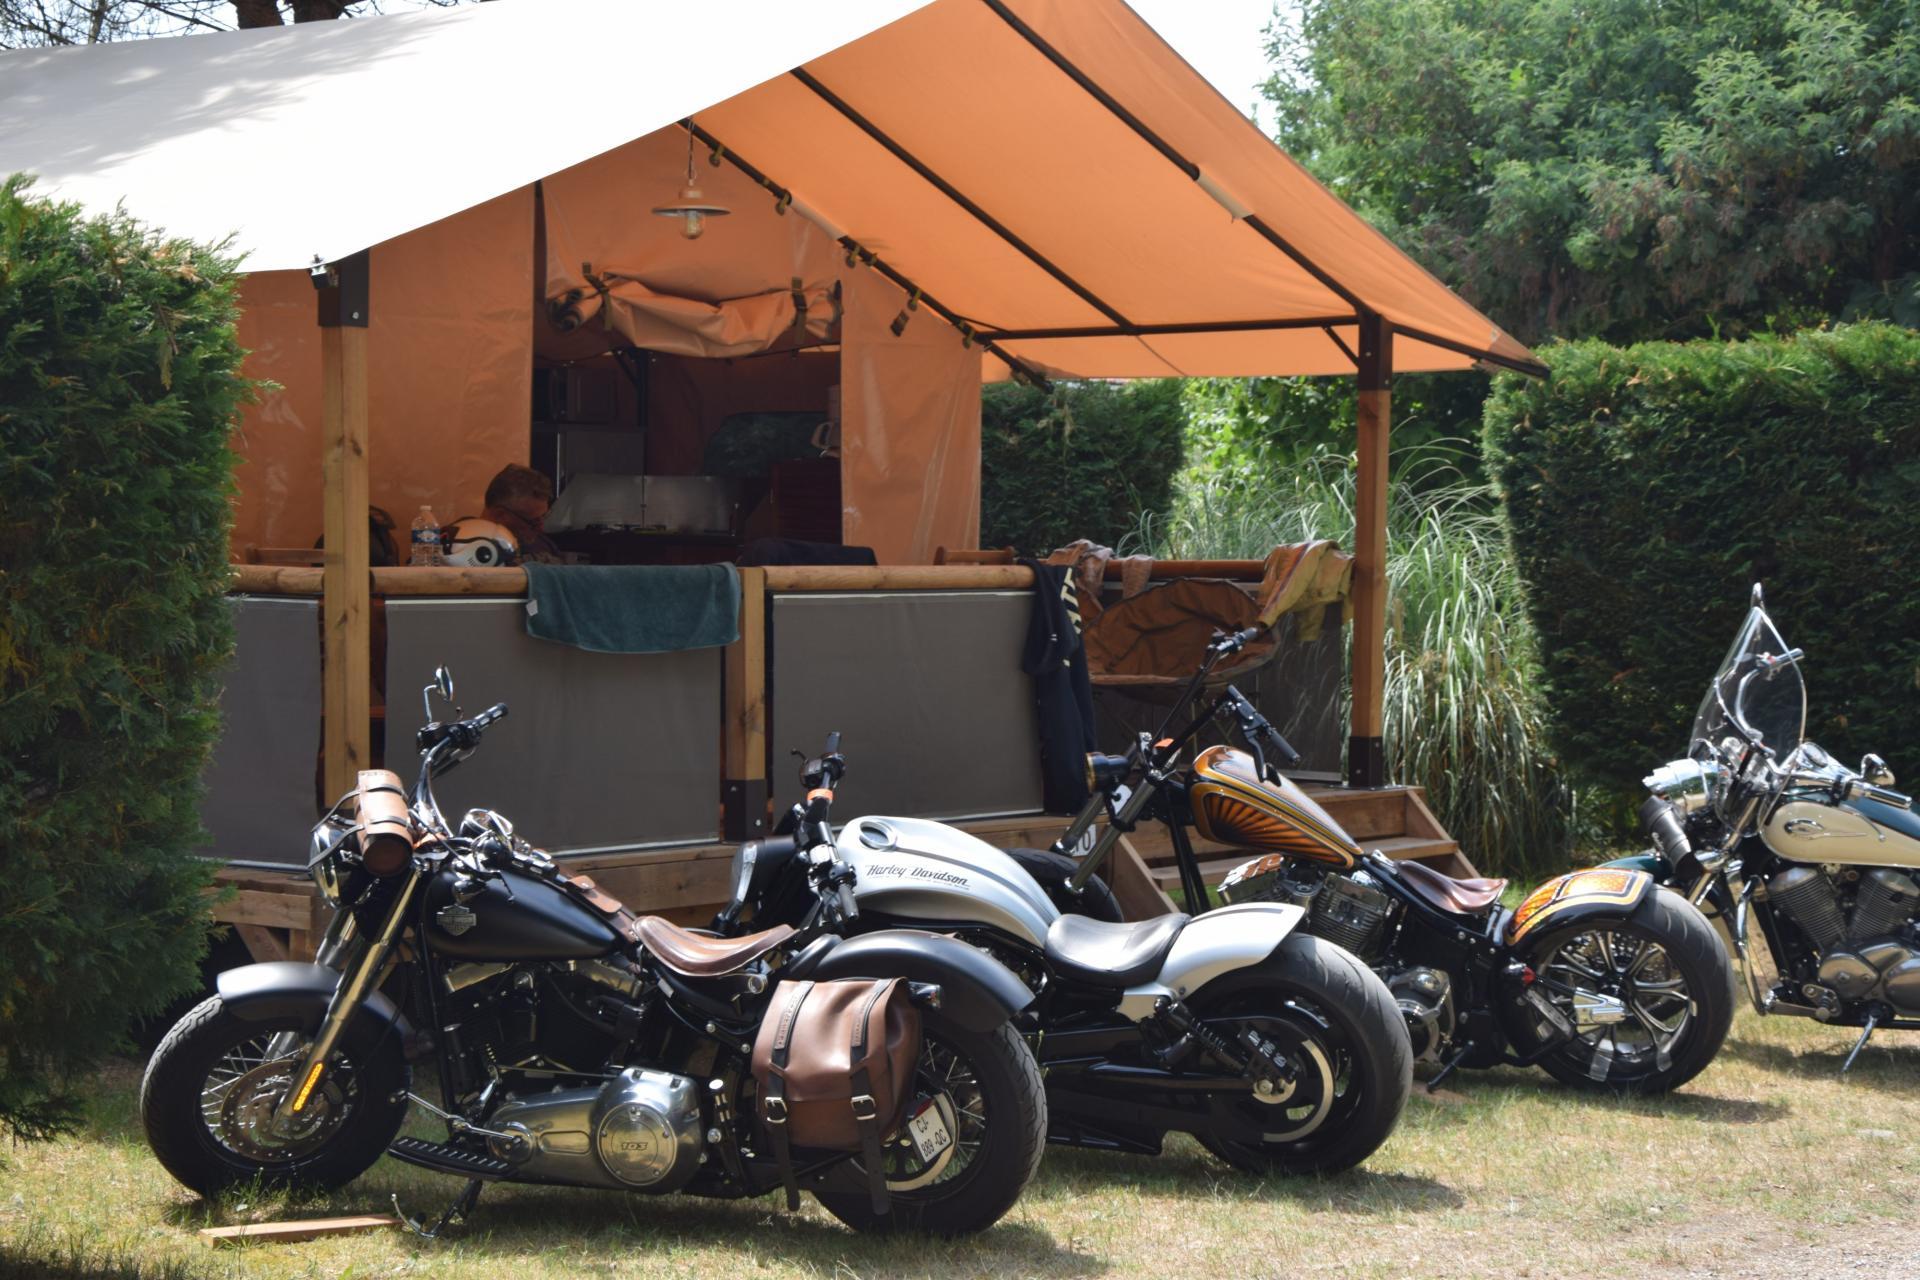 Camping La Chesnays 4 étoiles à Vendays-Montalivet, ( 33 )